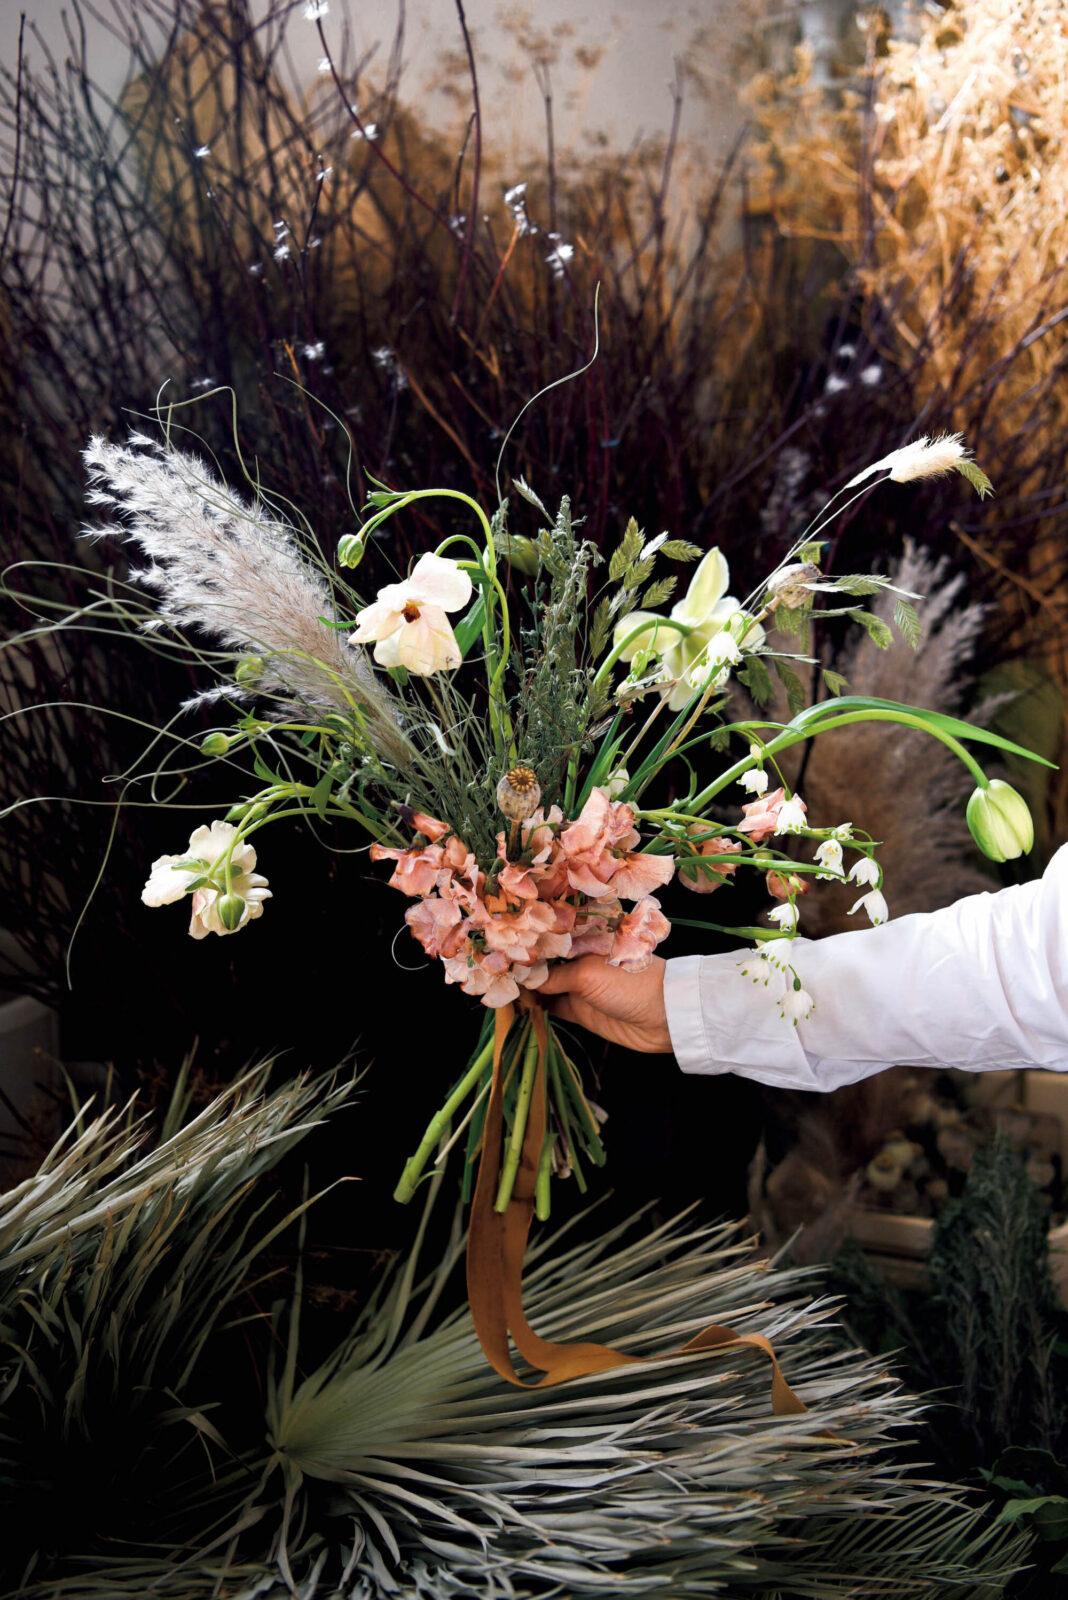 穂などドライものとスノードロップなど生花をミックス。40ポンド。